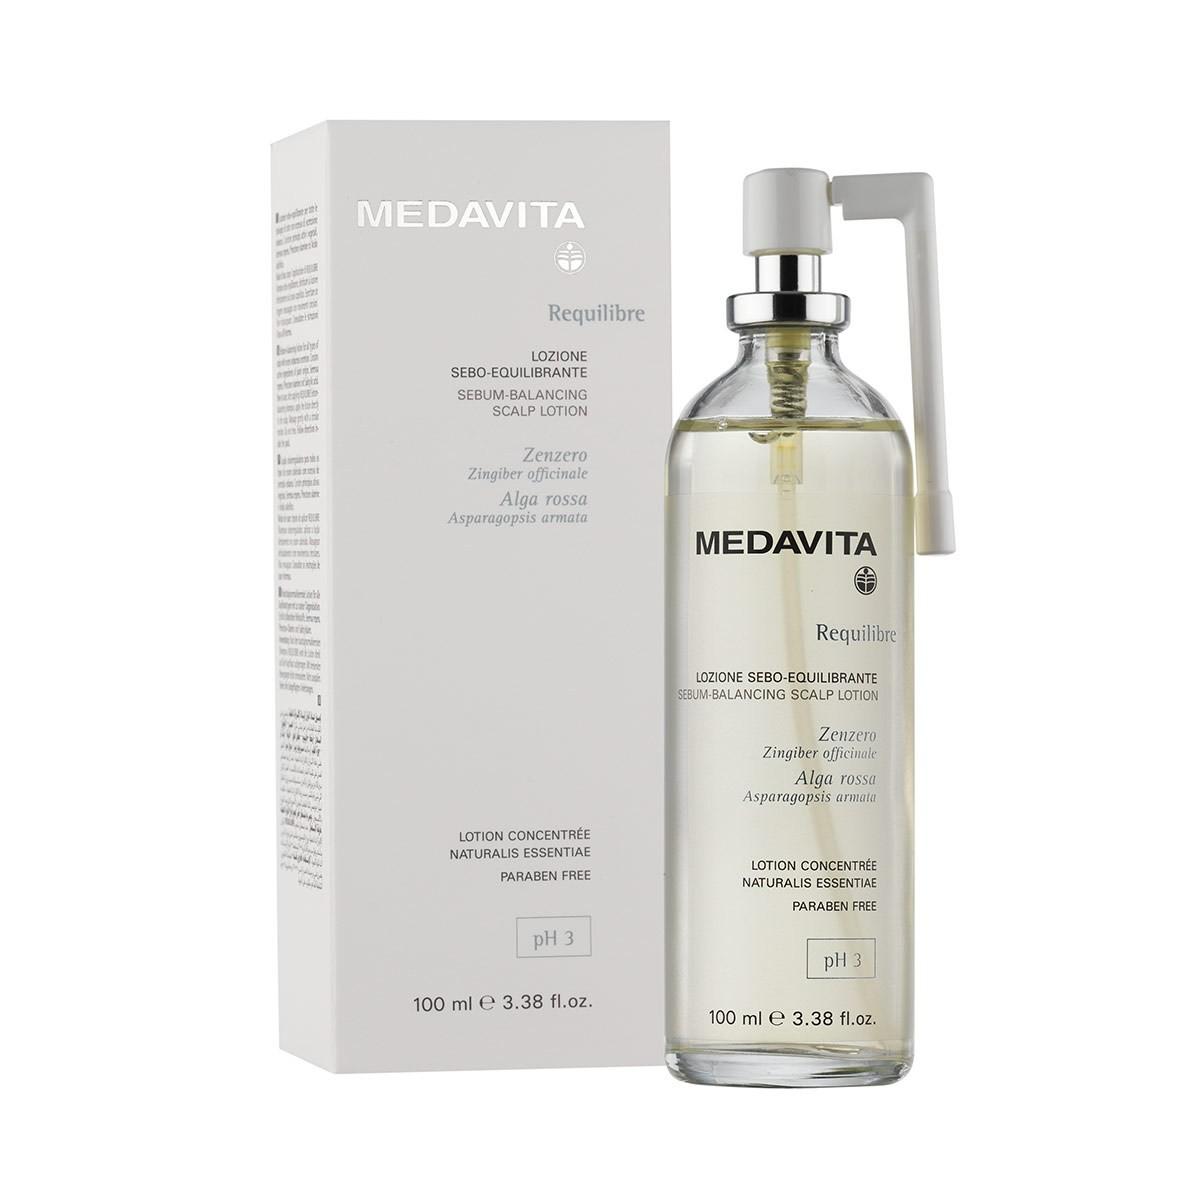 MEDAVITA Requilibre Lozione Sebo-Equilibrante 100ml - Tonik lotion do włosów przetłuszczających się